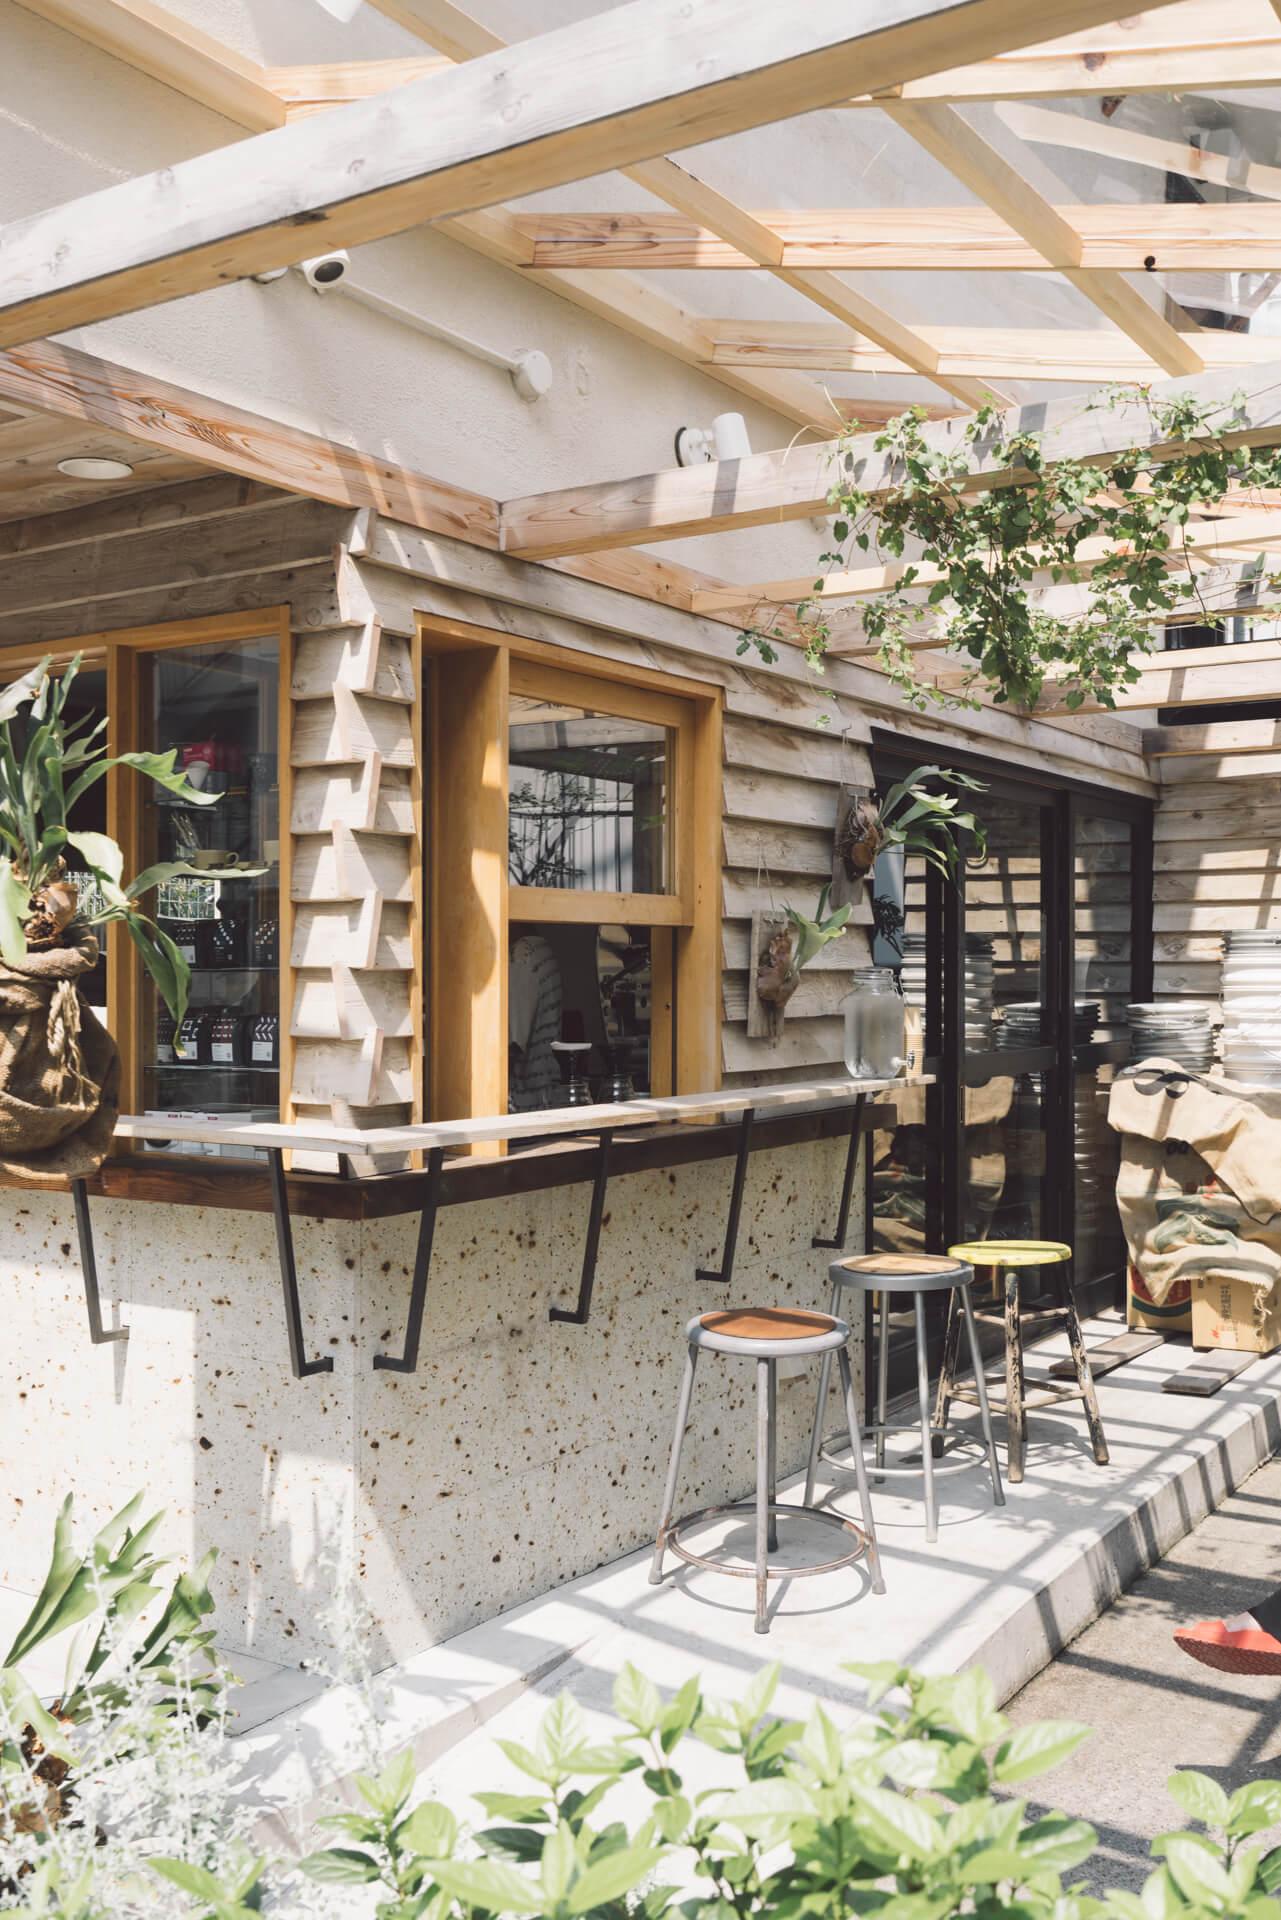 古い2階建ての古民家を改装した中目黒店。外にカウンター席とベンチがあり、グリーンで彩られた空間の中でくつろぐことができます。